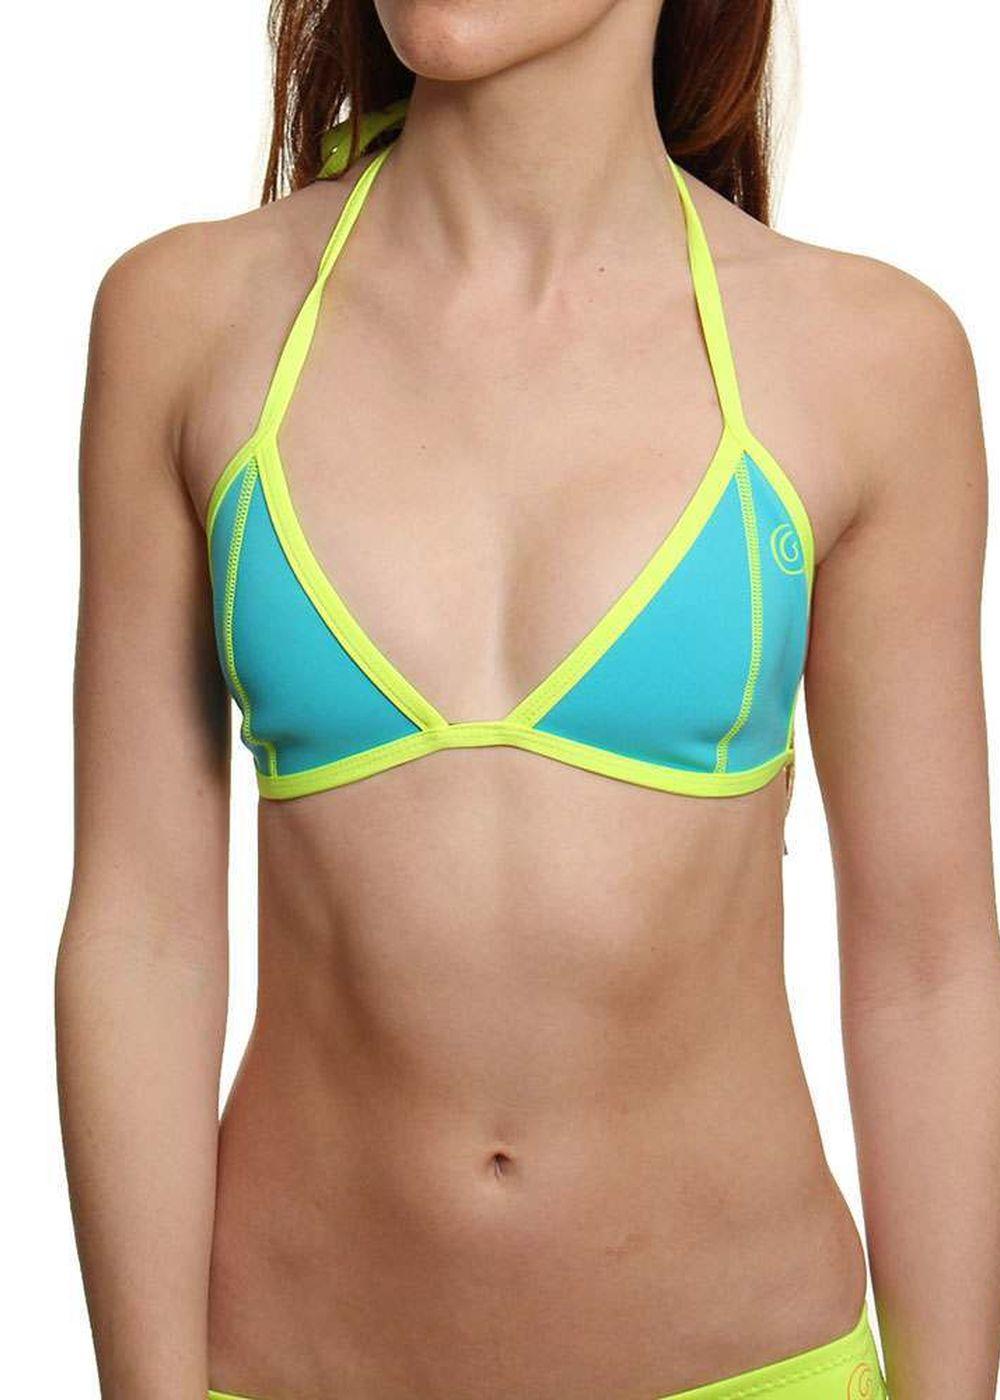 glidesoul-tri-bikini-top-bright-cyan